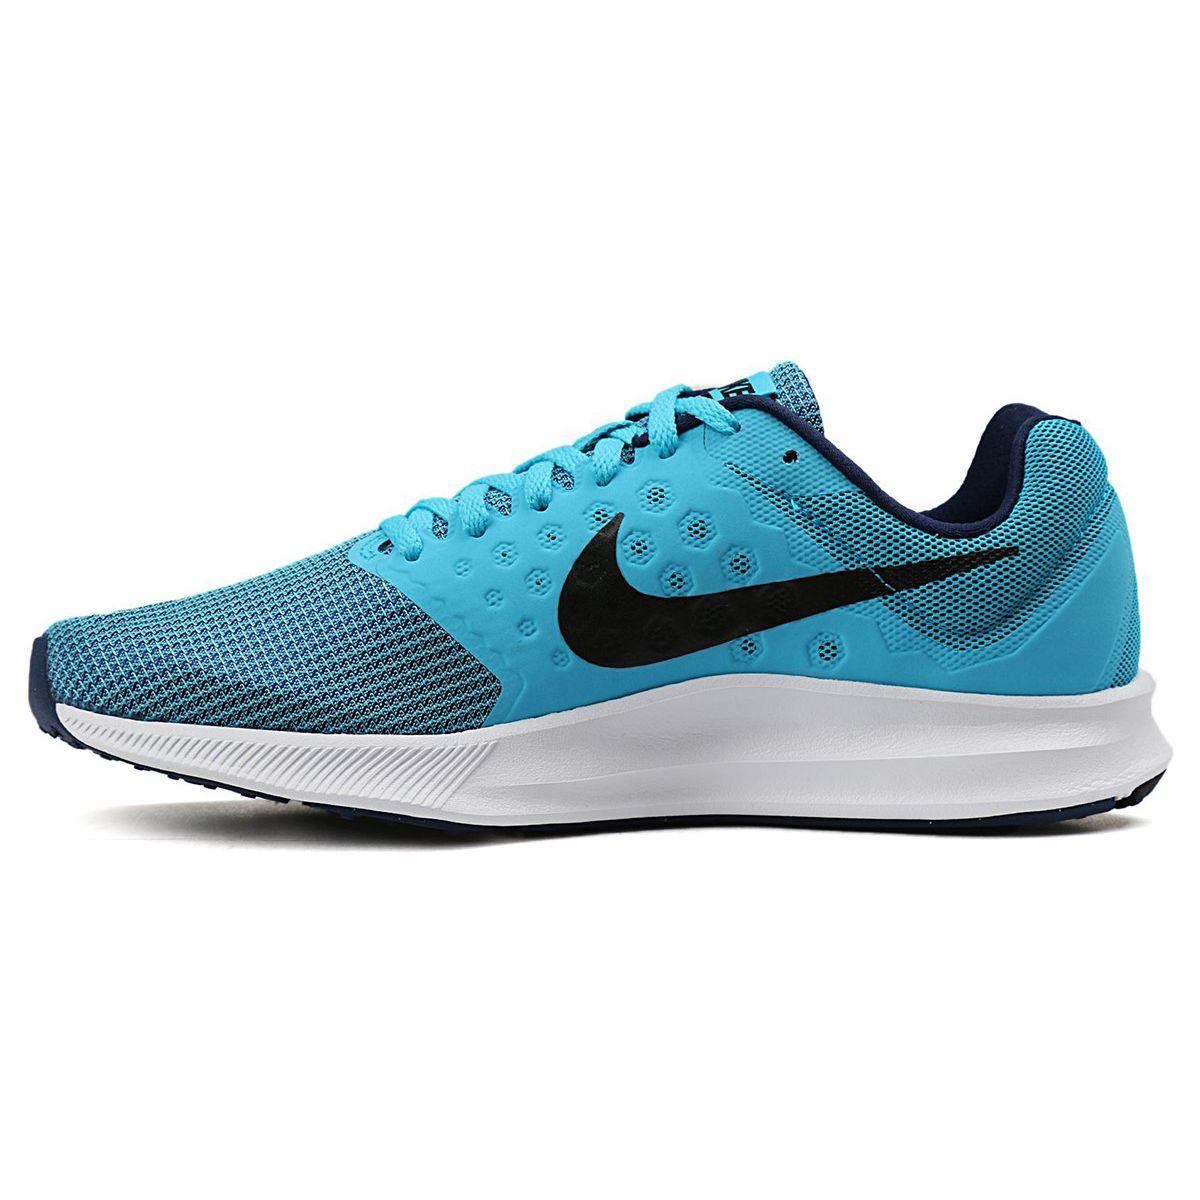 the best attitude 355e3 21cbc Nike Downshifter 7 Koşu Ayakkabısı 852459401